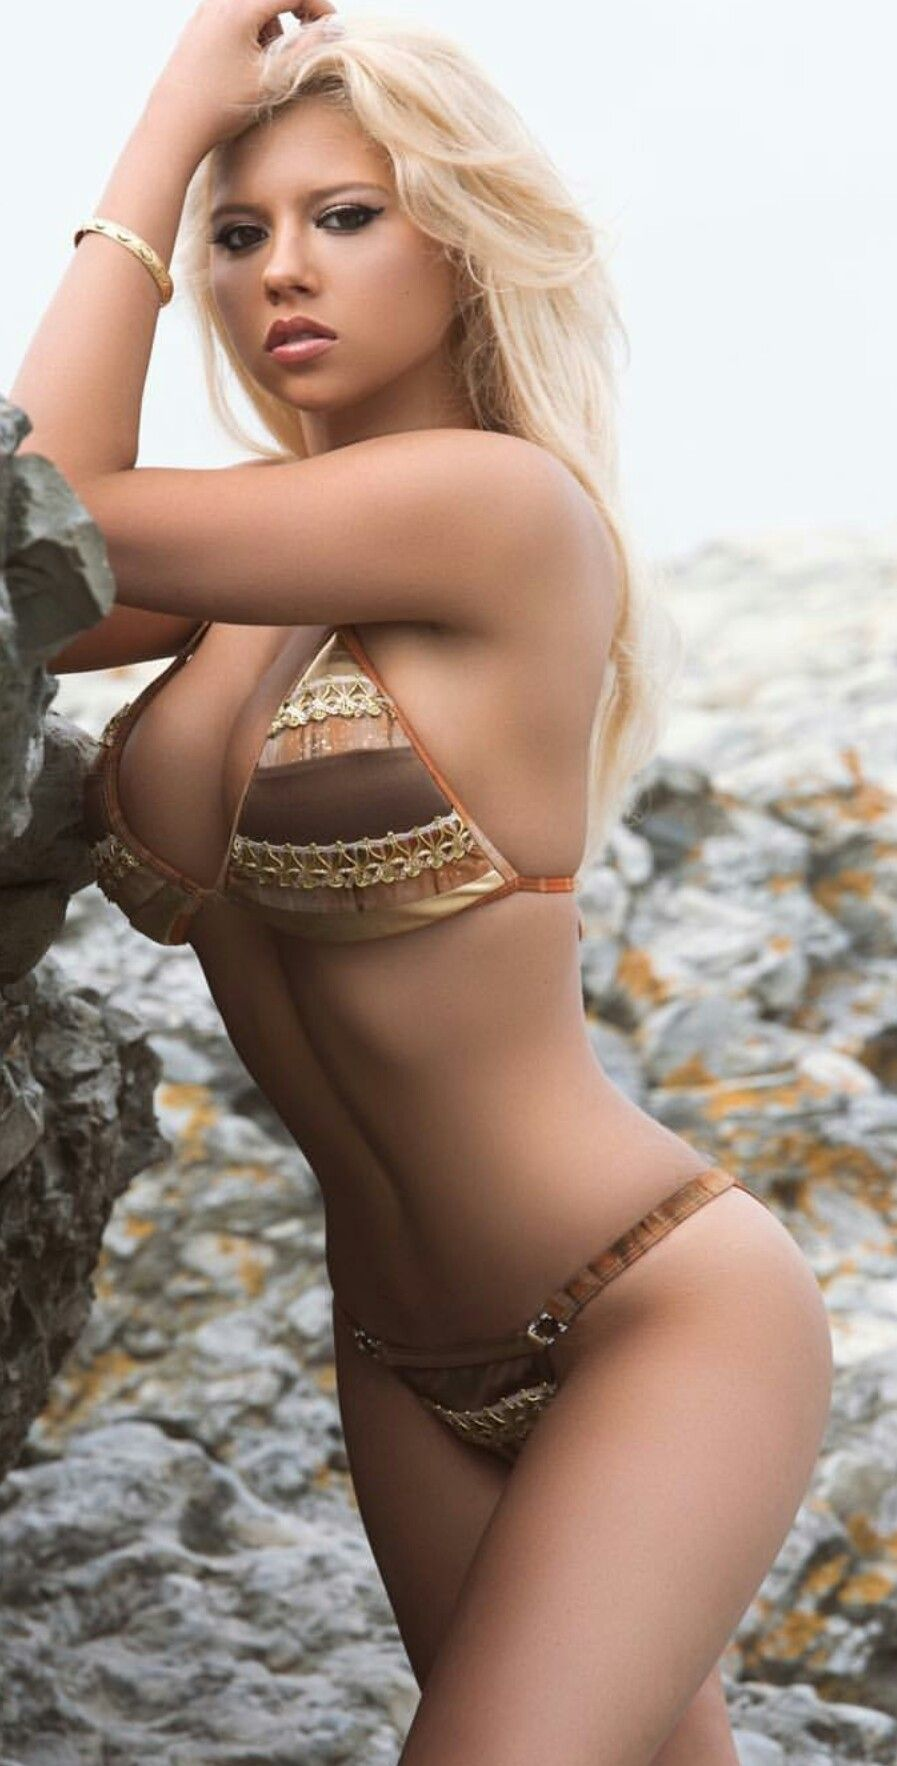 baf1467078923 Hot Bikini Girl